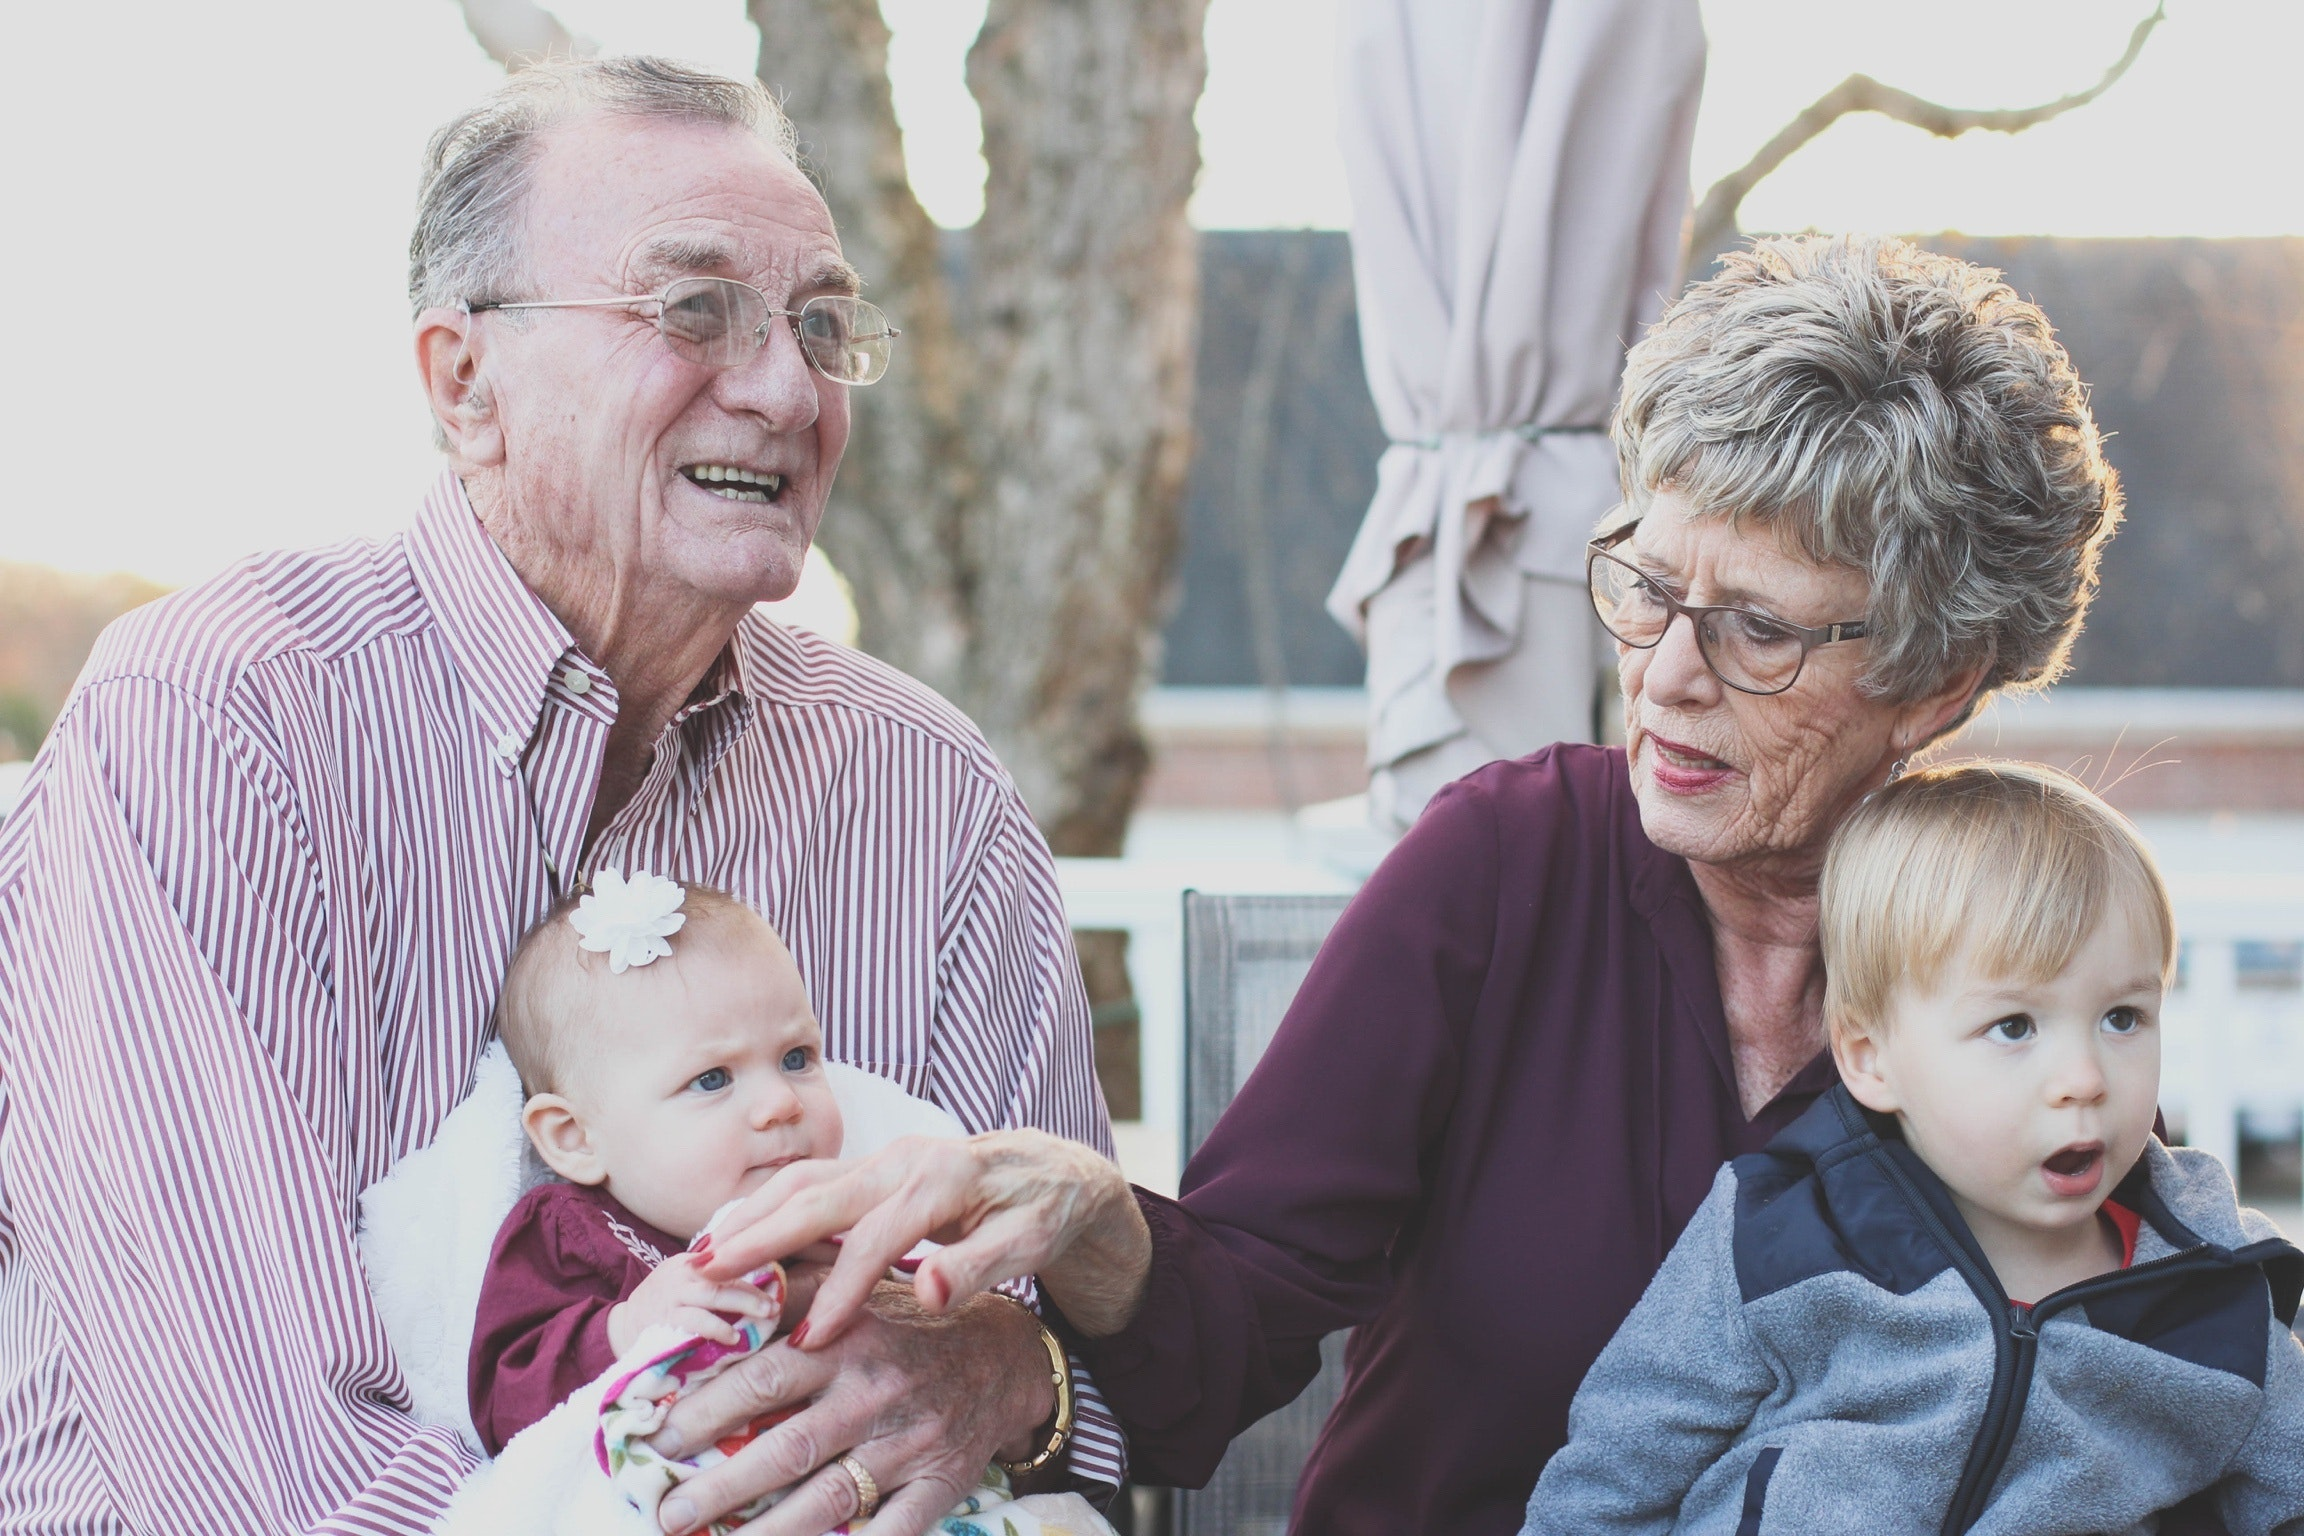 loving grandparents caring for children